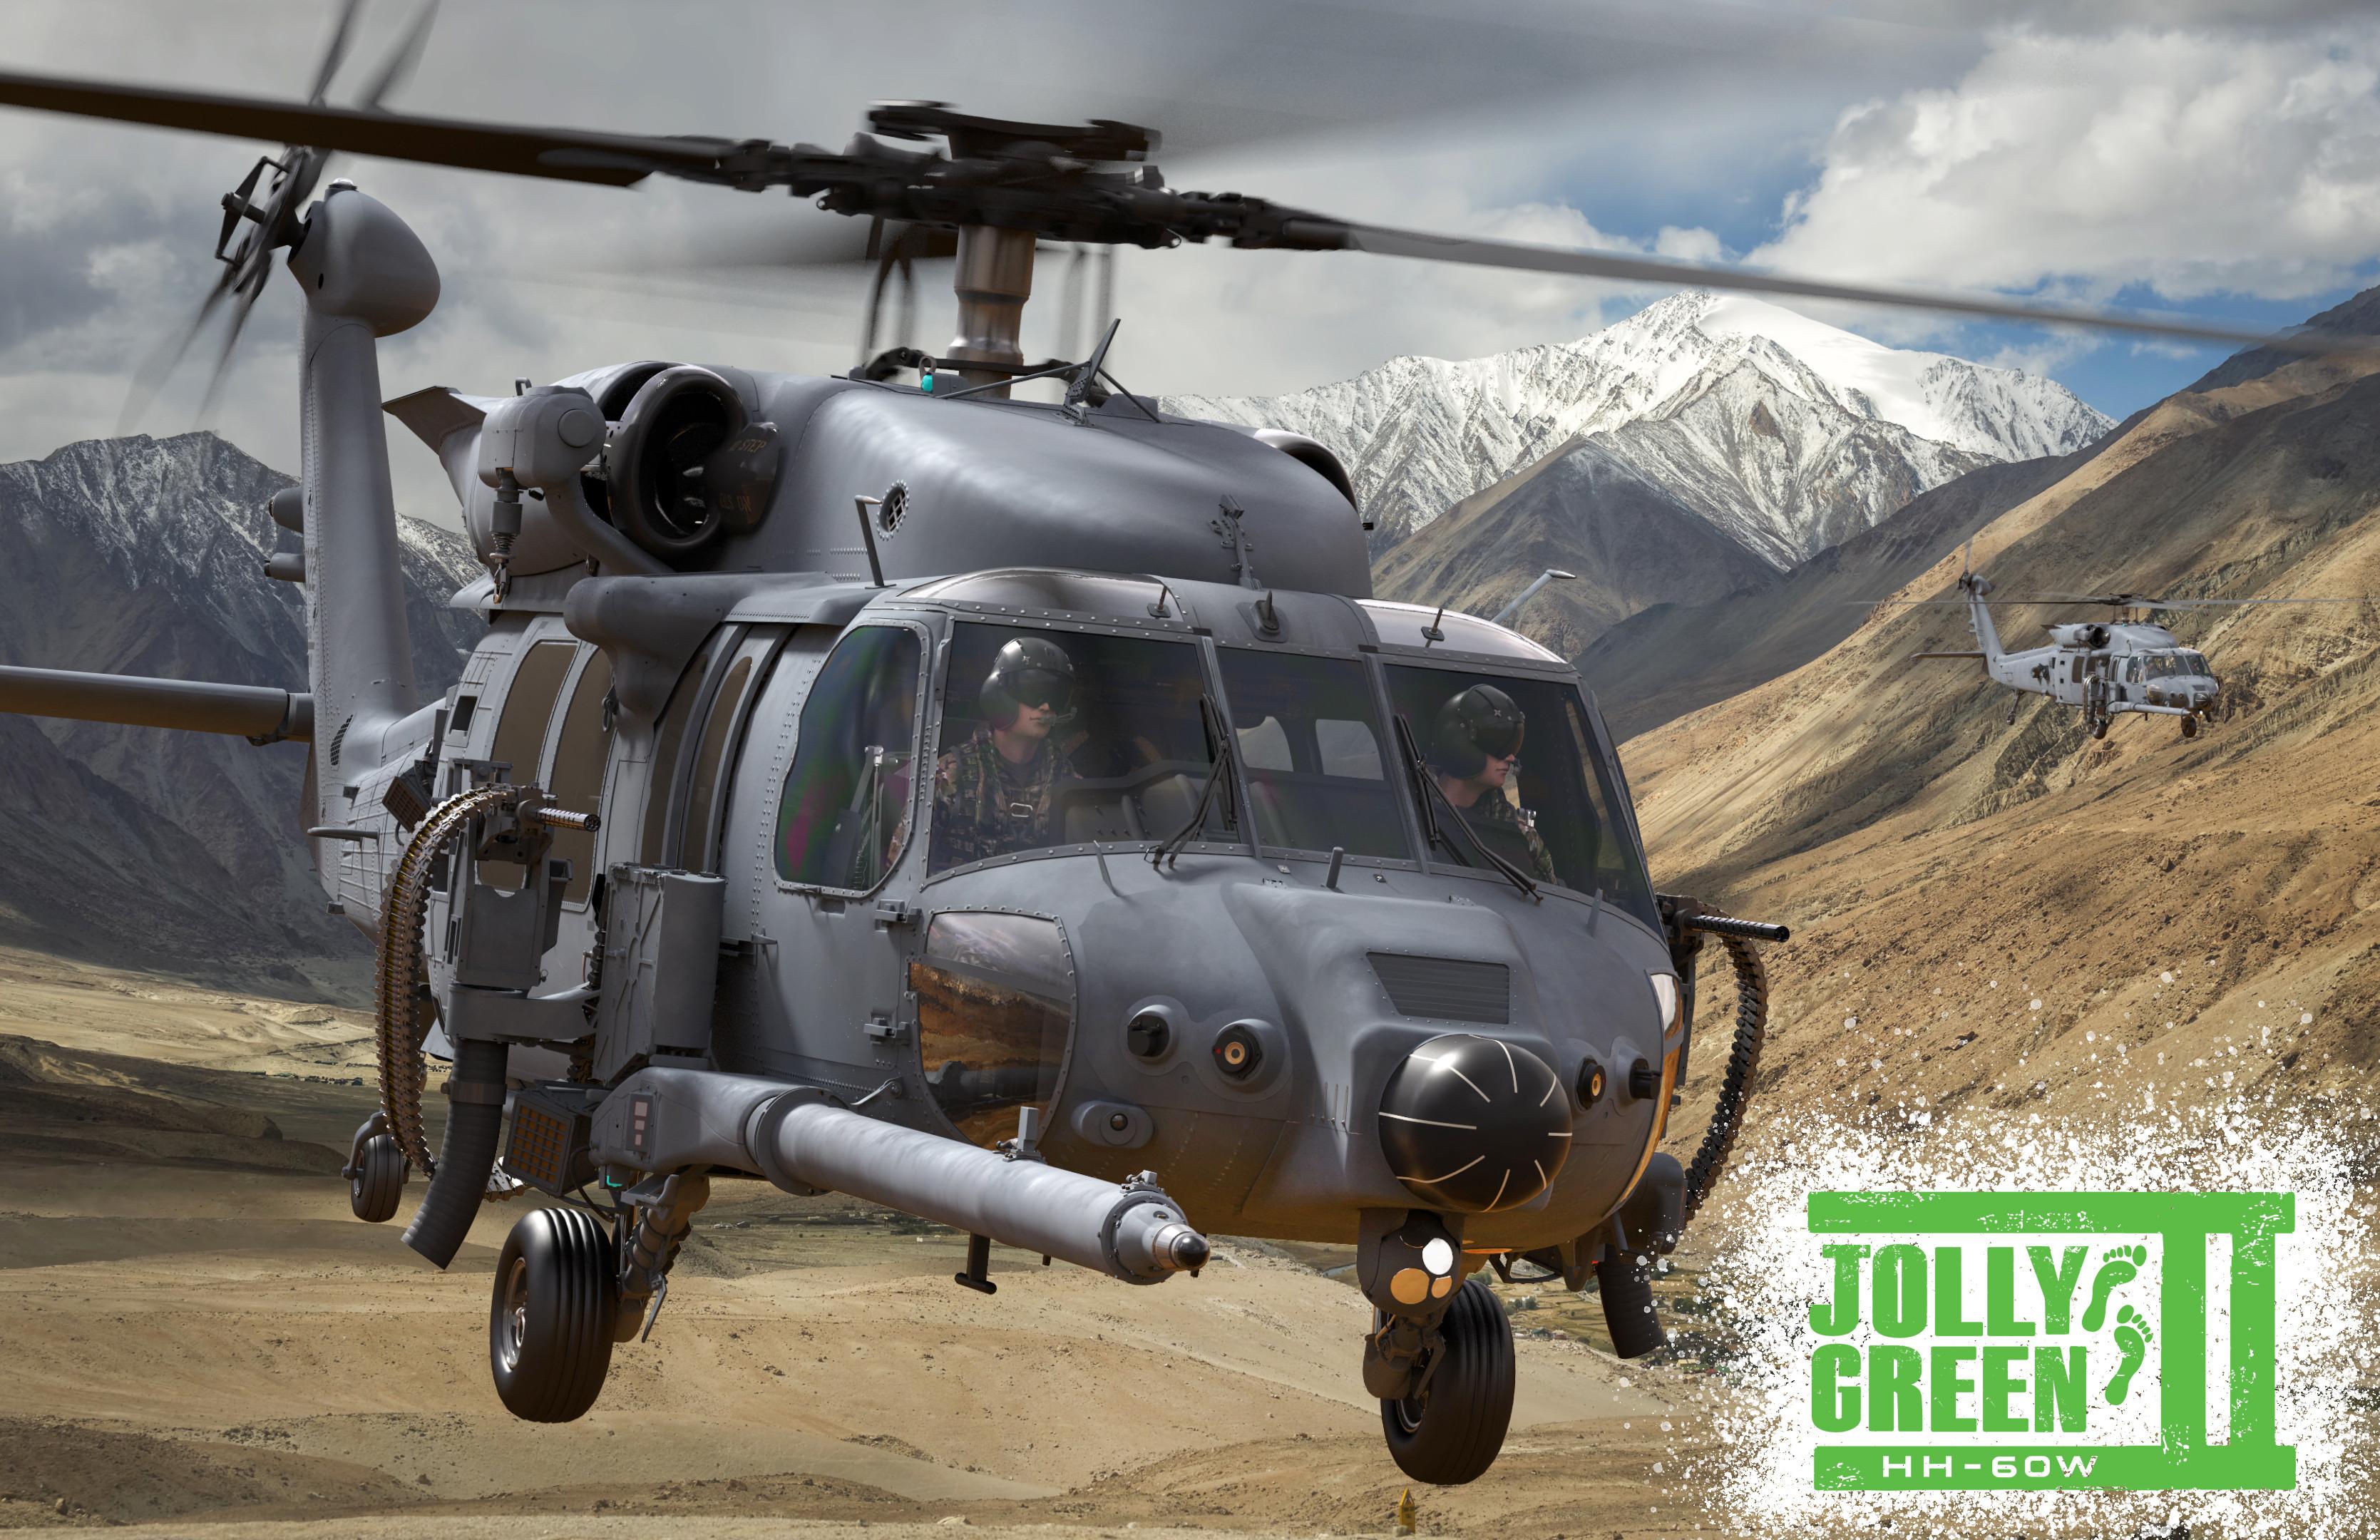 Hh 60w Jolly Green Ii Follows Footprints Of Rescue Giants U S